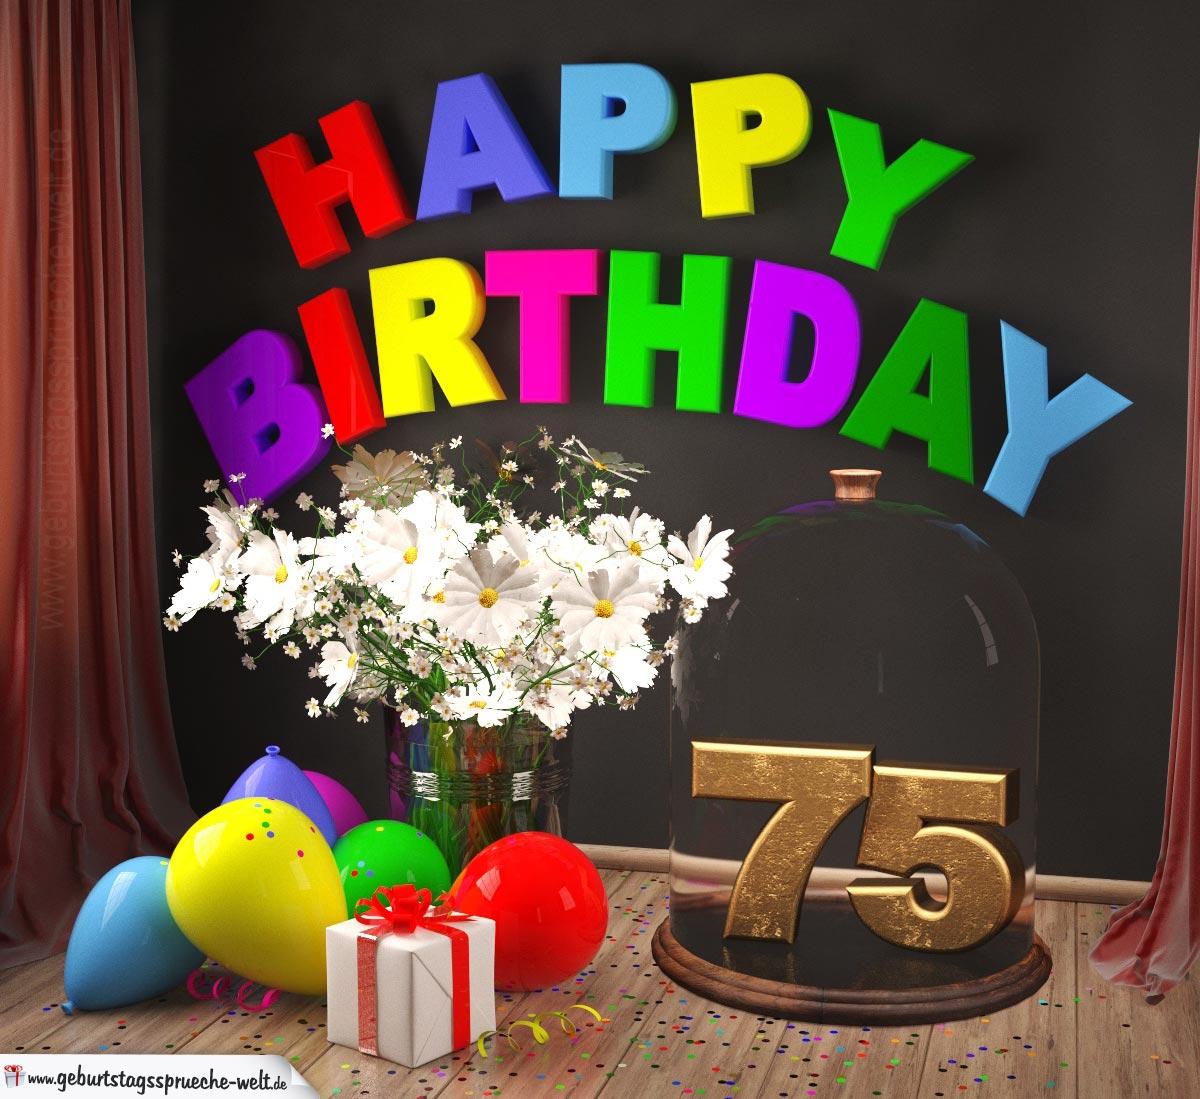 Happy Birthday 75 Jahre Glückwunschkarte mit Margeriten-Blumenstrauß, Luftballons und Geschenk unter Glasglocke